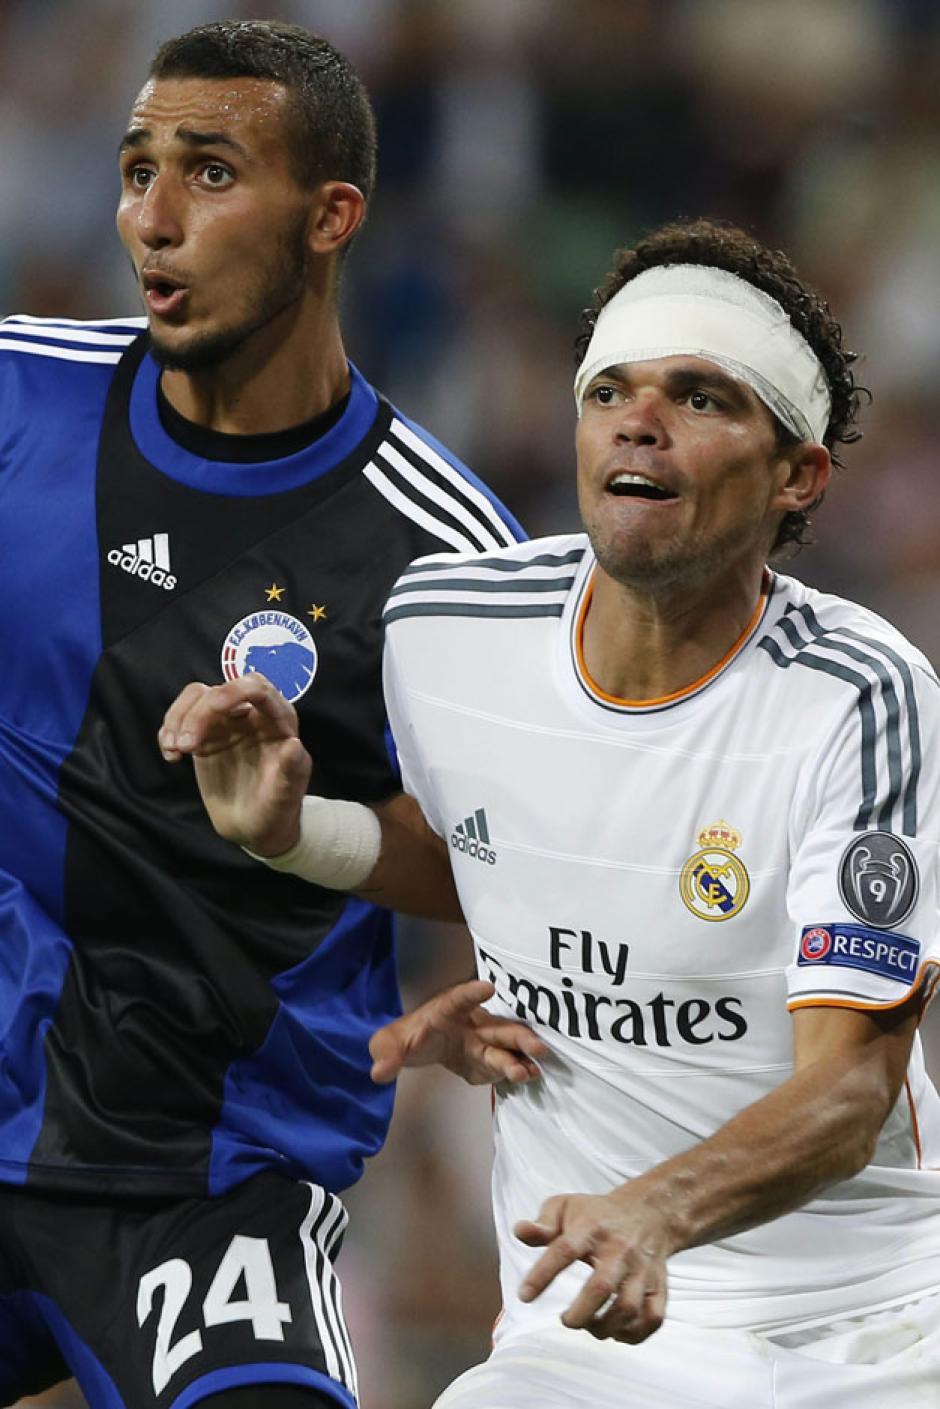 Pepe regresó al terreno de juego con una venda, luego de un encontronazo.